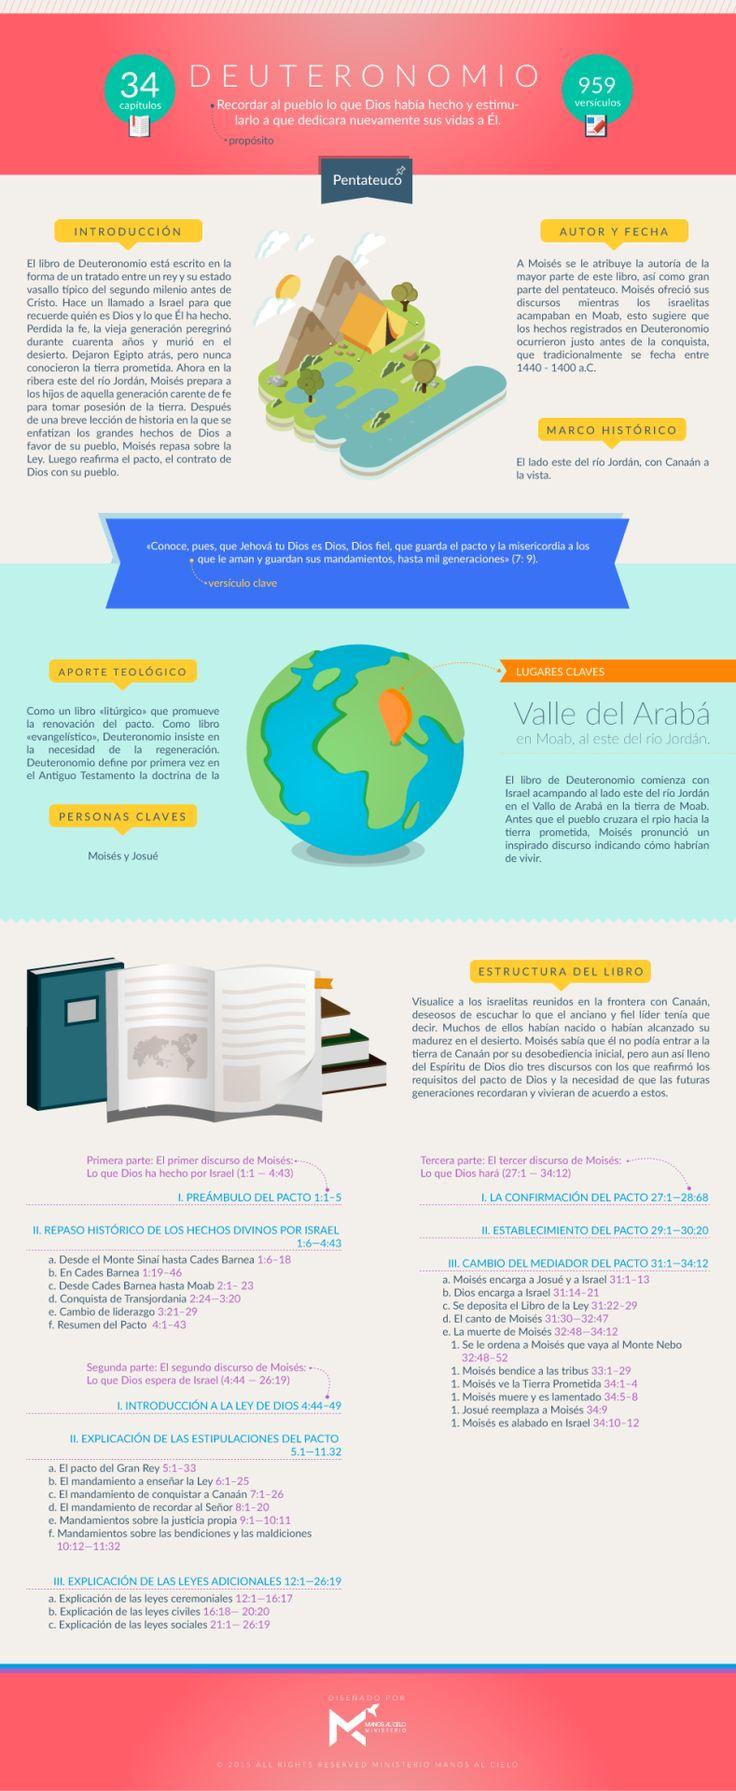 Infografía sobre el libro de Deuteronomio. #infobiblia Puedes descargar esta infografía aquí Síguenos en: Instagram | Facebook | Twitter